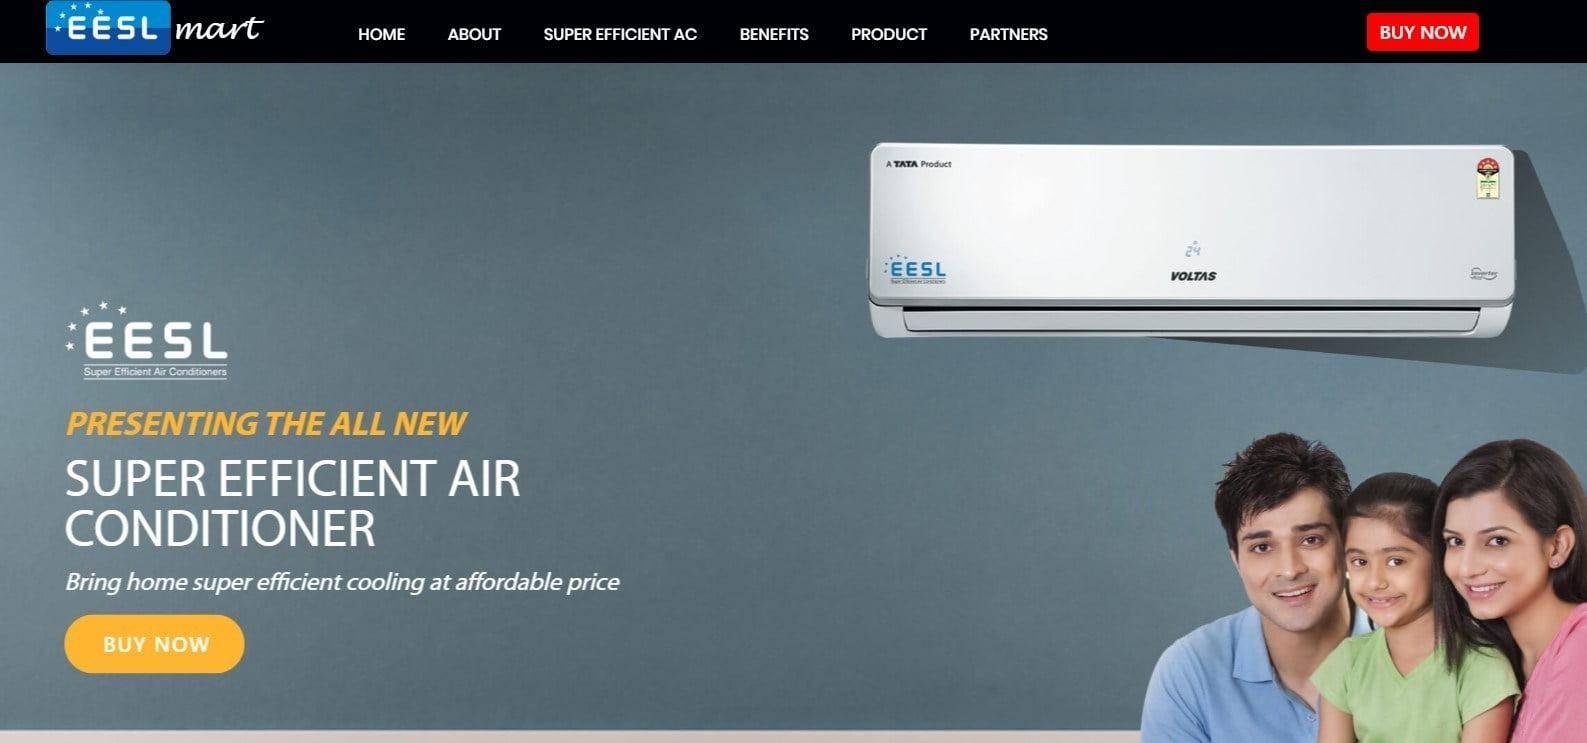 प्रधानमंत्री सस्ता एसी (एयर कंडीशनर) योजना |ऑनलाइन पंजीकरण, आवेदन फॉर्म – EESL Cheap AC Scheme